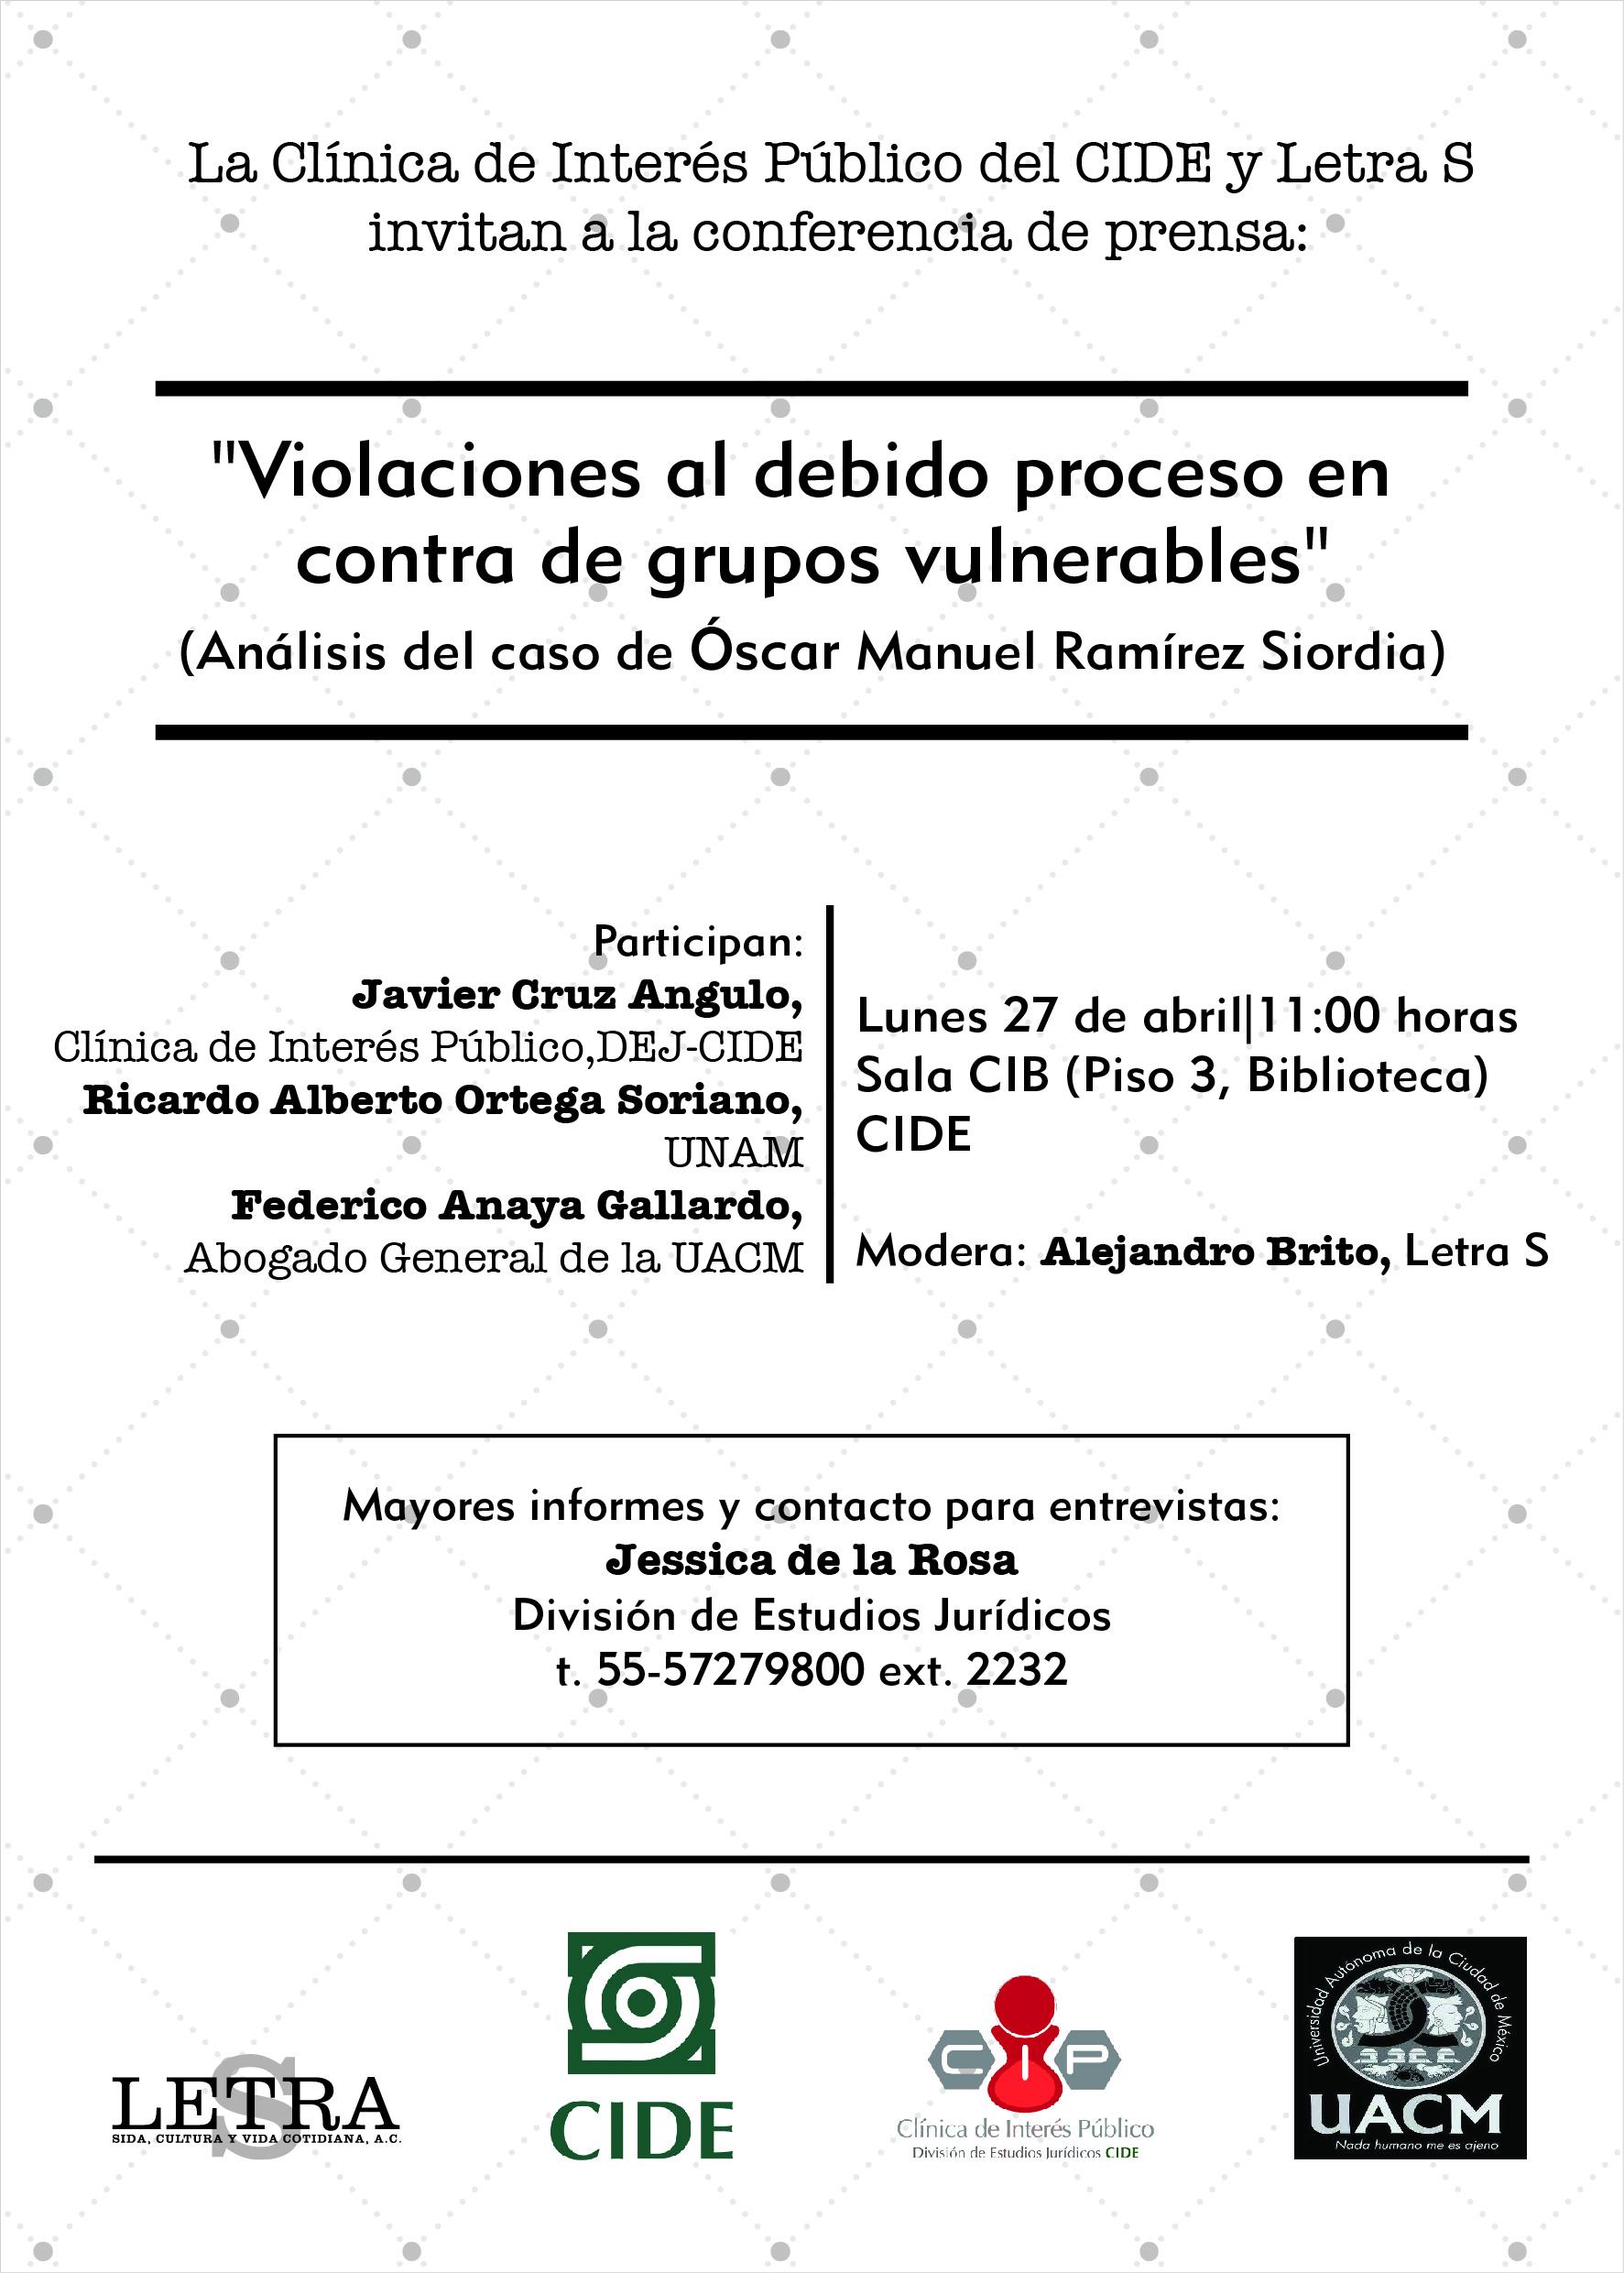 Conferencia de prensa «Violaciones al debido proceso en contra de grupos vulnerables (Análisis del caso Óscar Manuel Ramírez Siordia)»